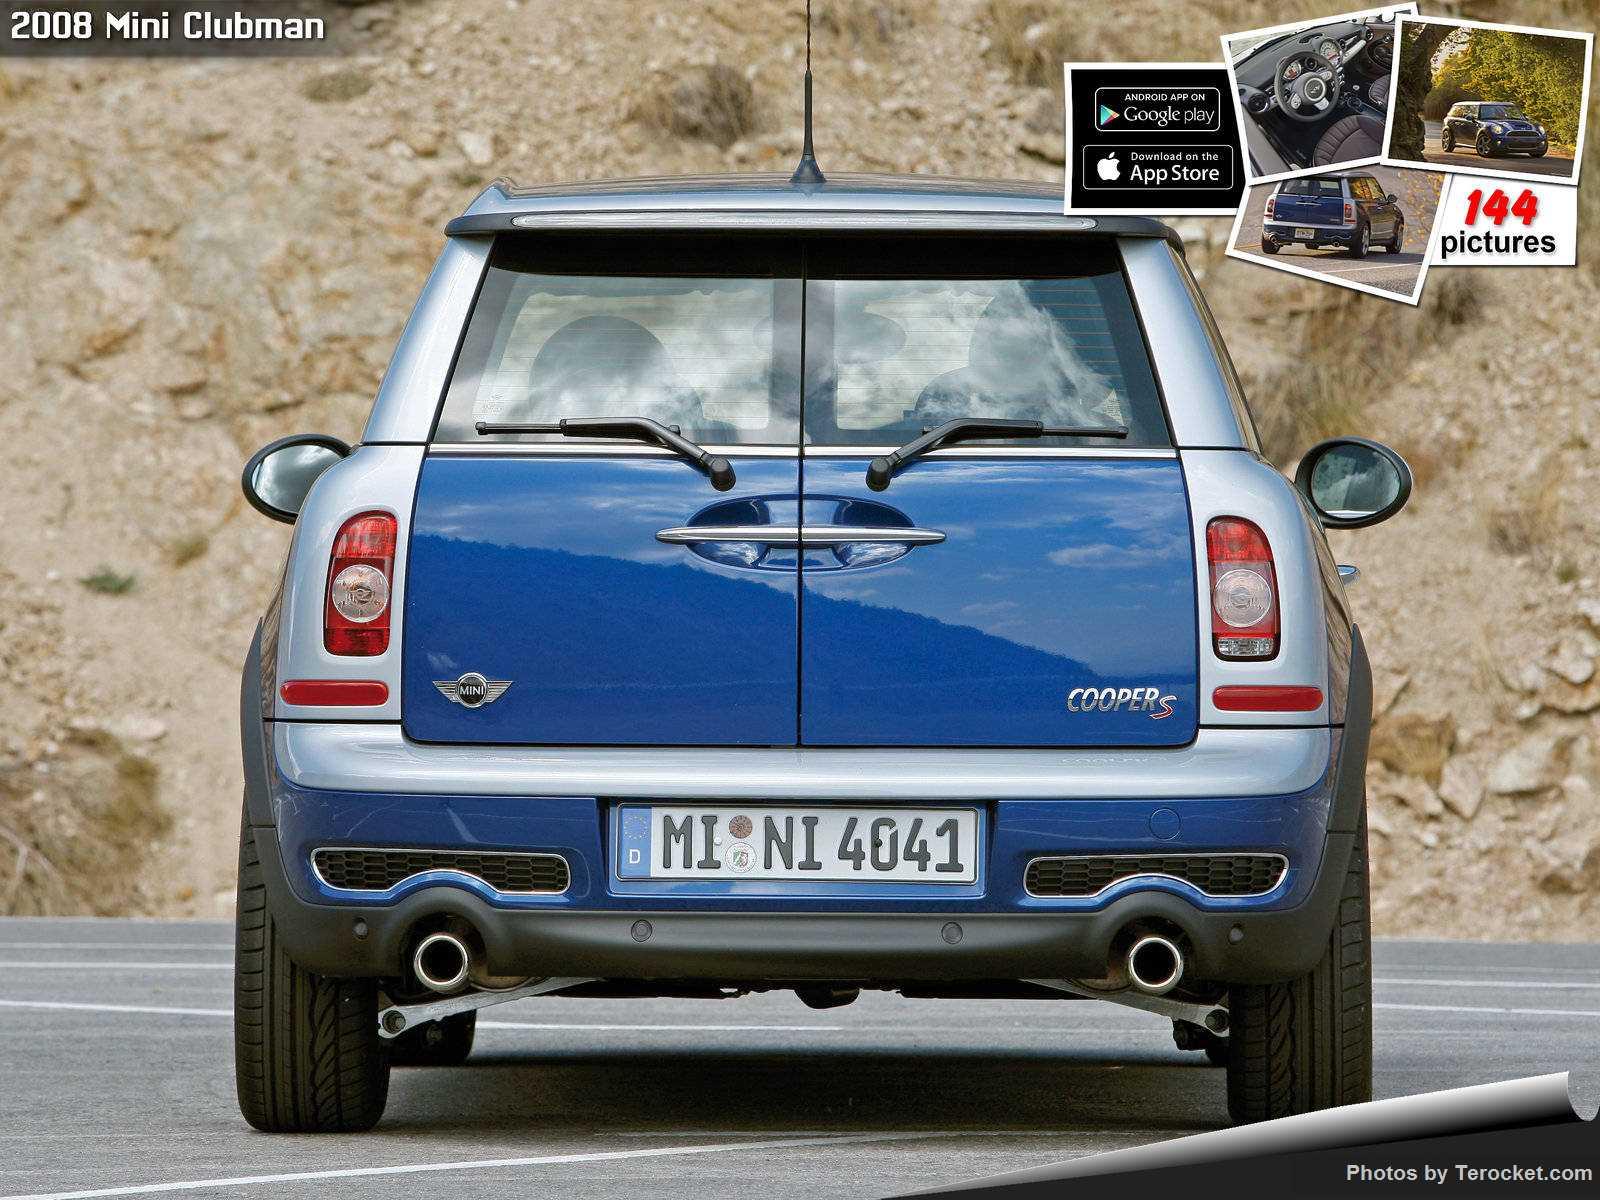 Hình ảnh xe ô tô Mini Clubman 2008 & nội ngoại thất